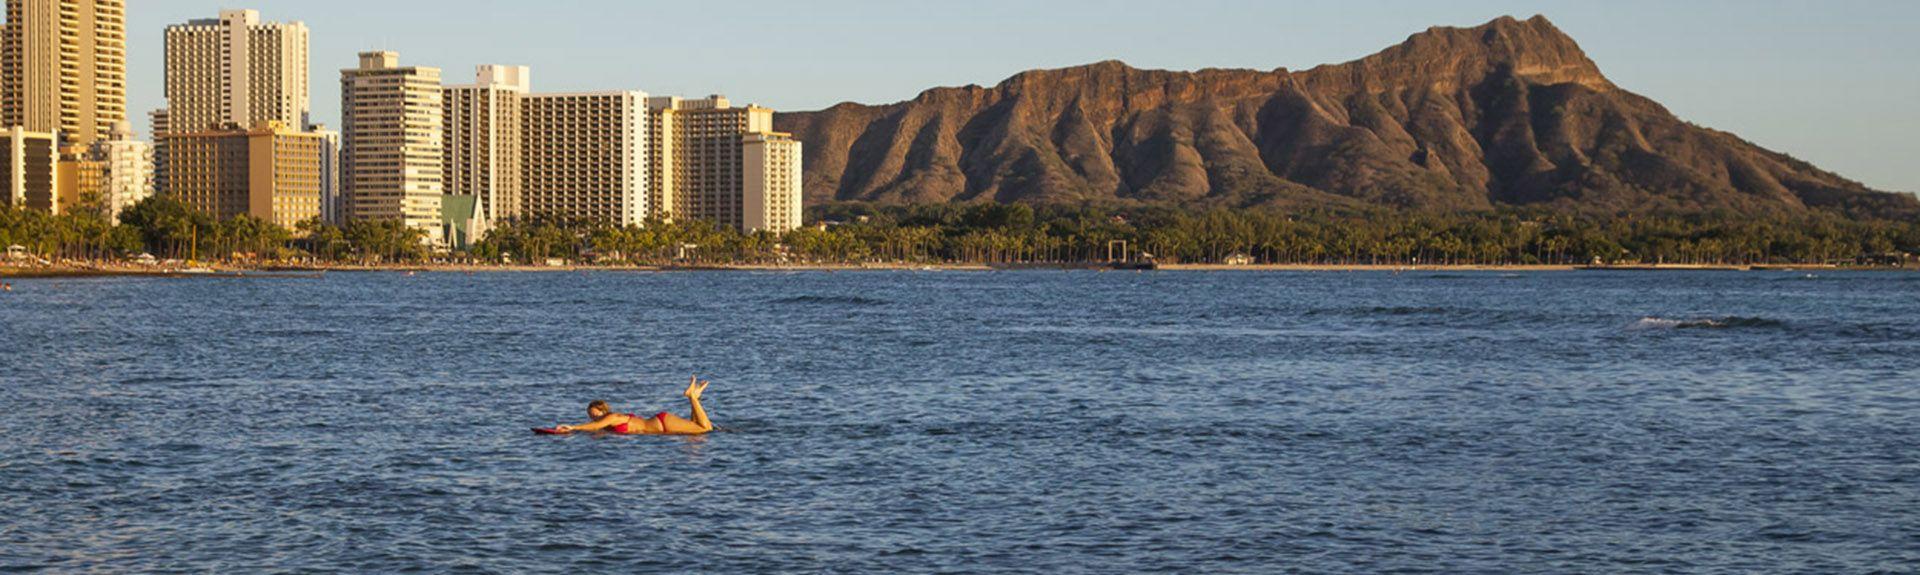 Hawaiian King (Honolulu, Hawaï, États-Unis d'Amérique)